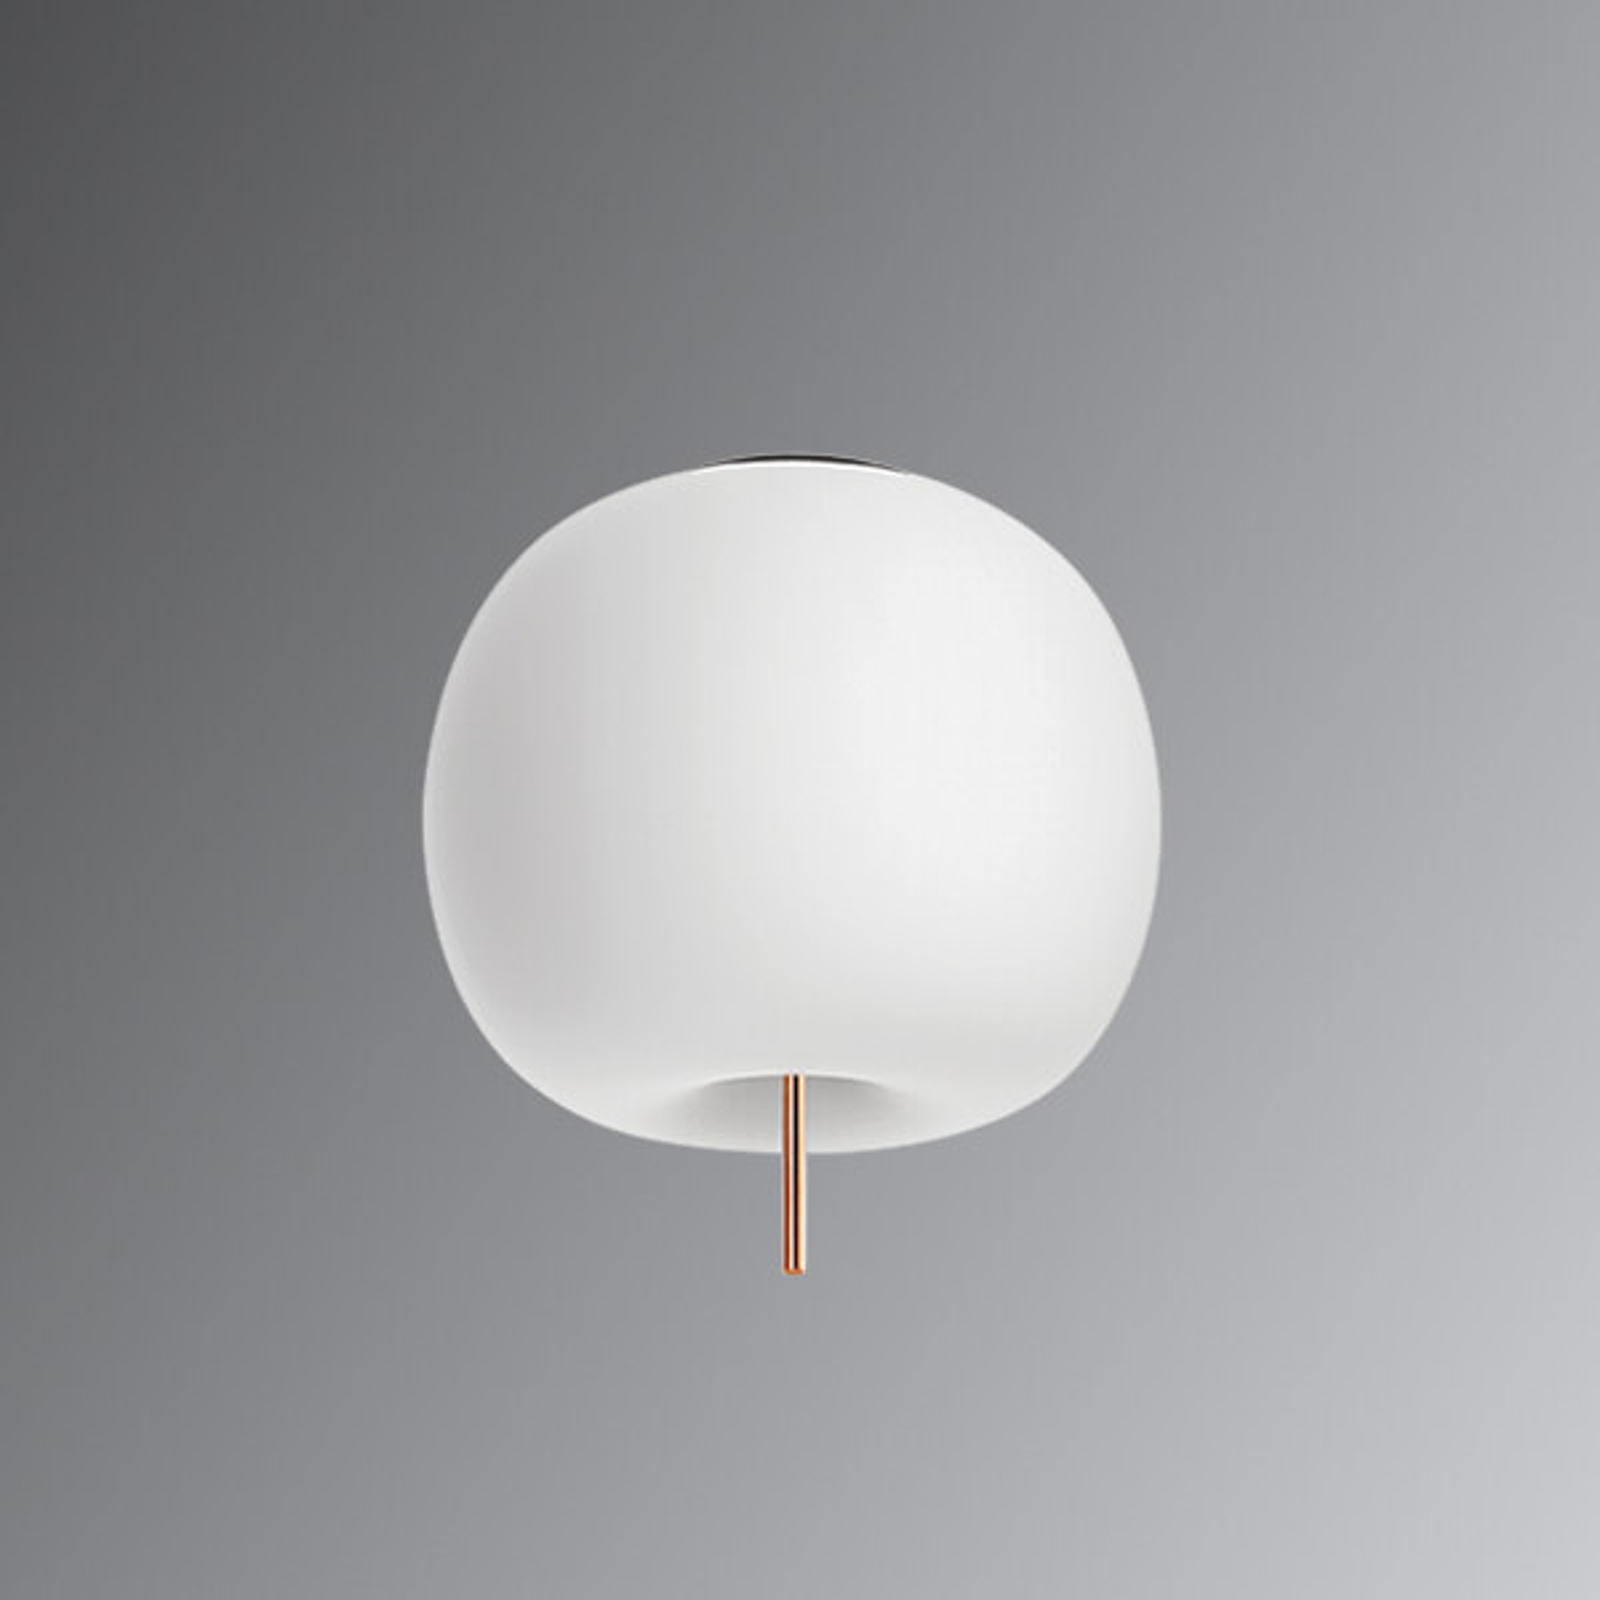 Lampa sufitowa LED Kushi, miedziany pręt 33